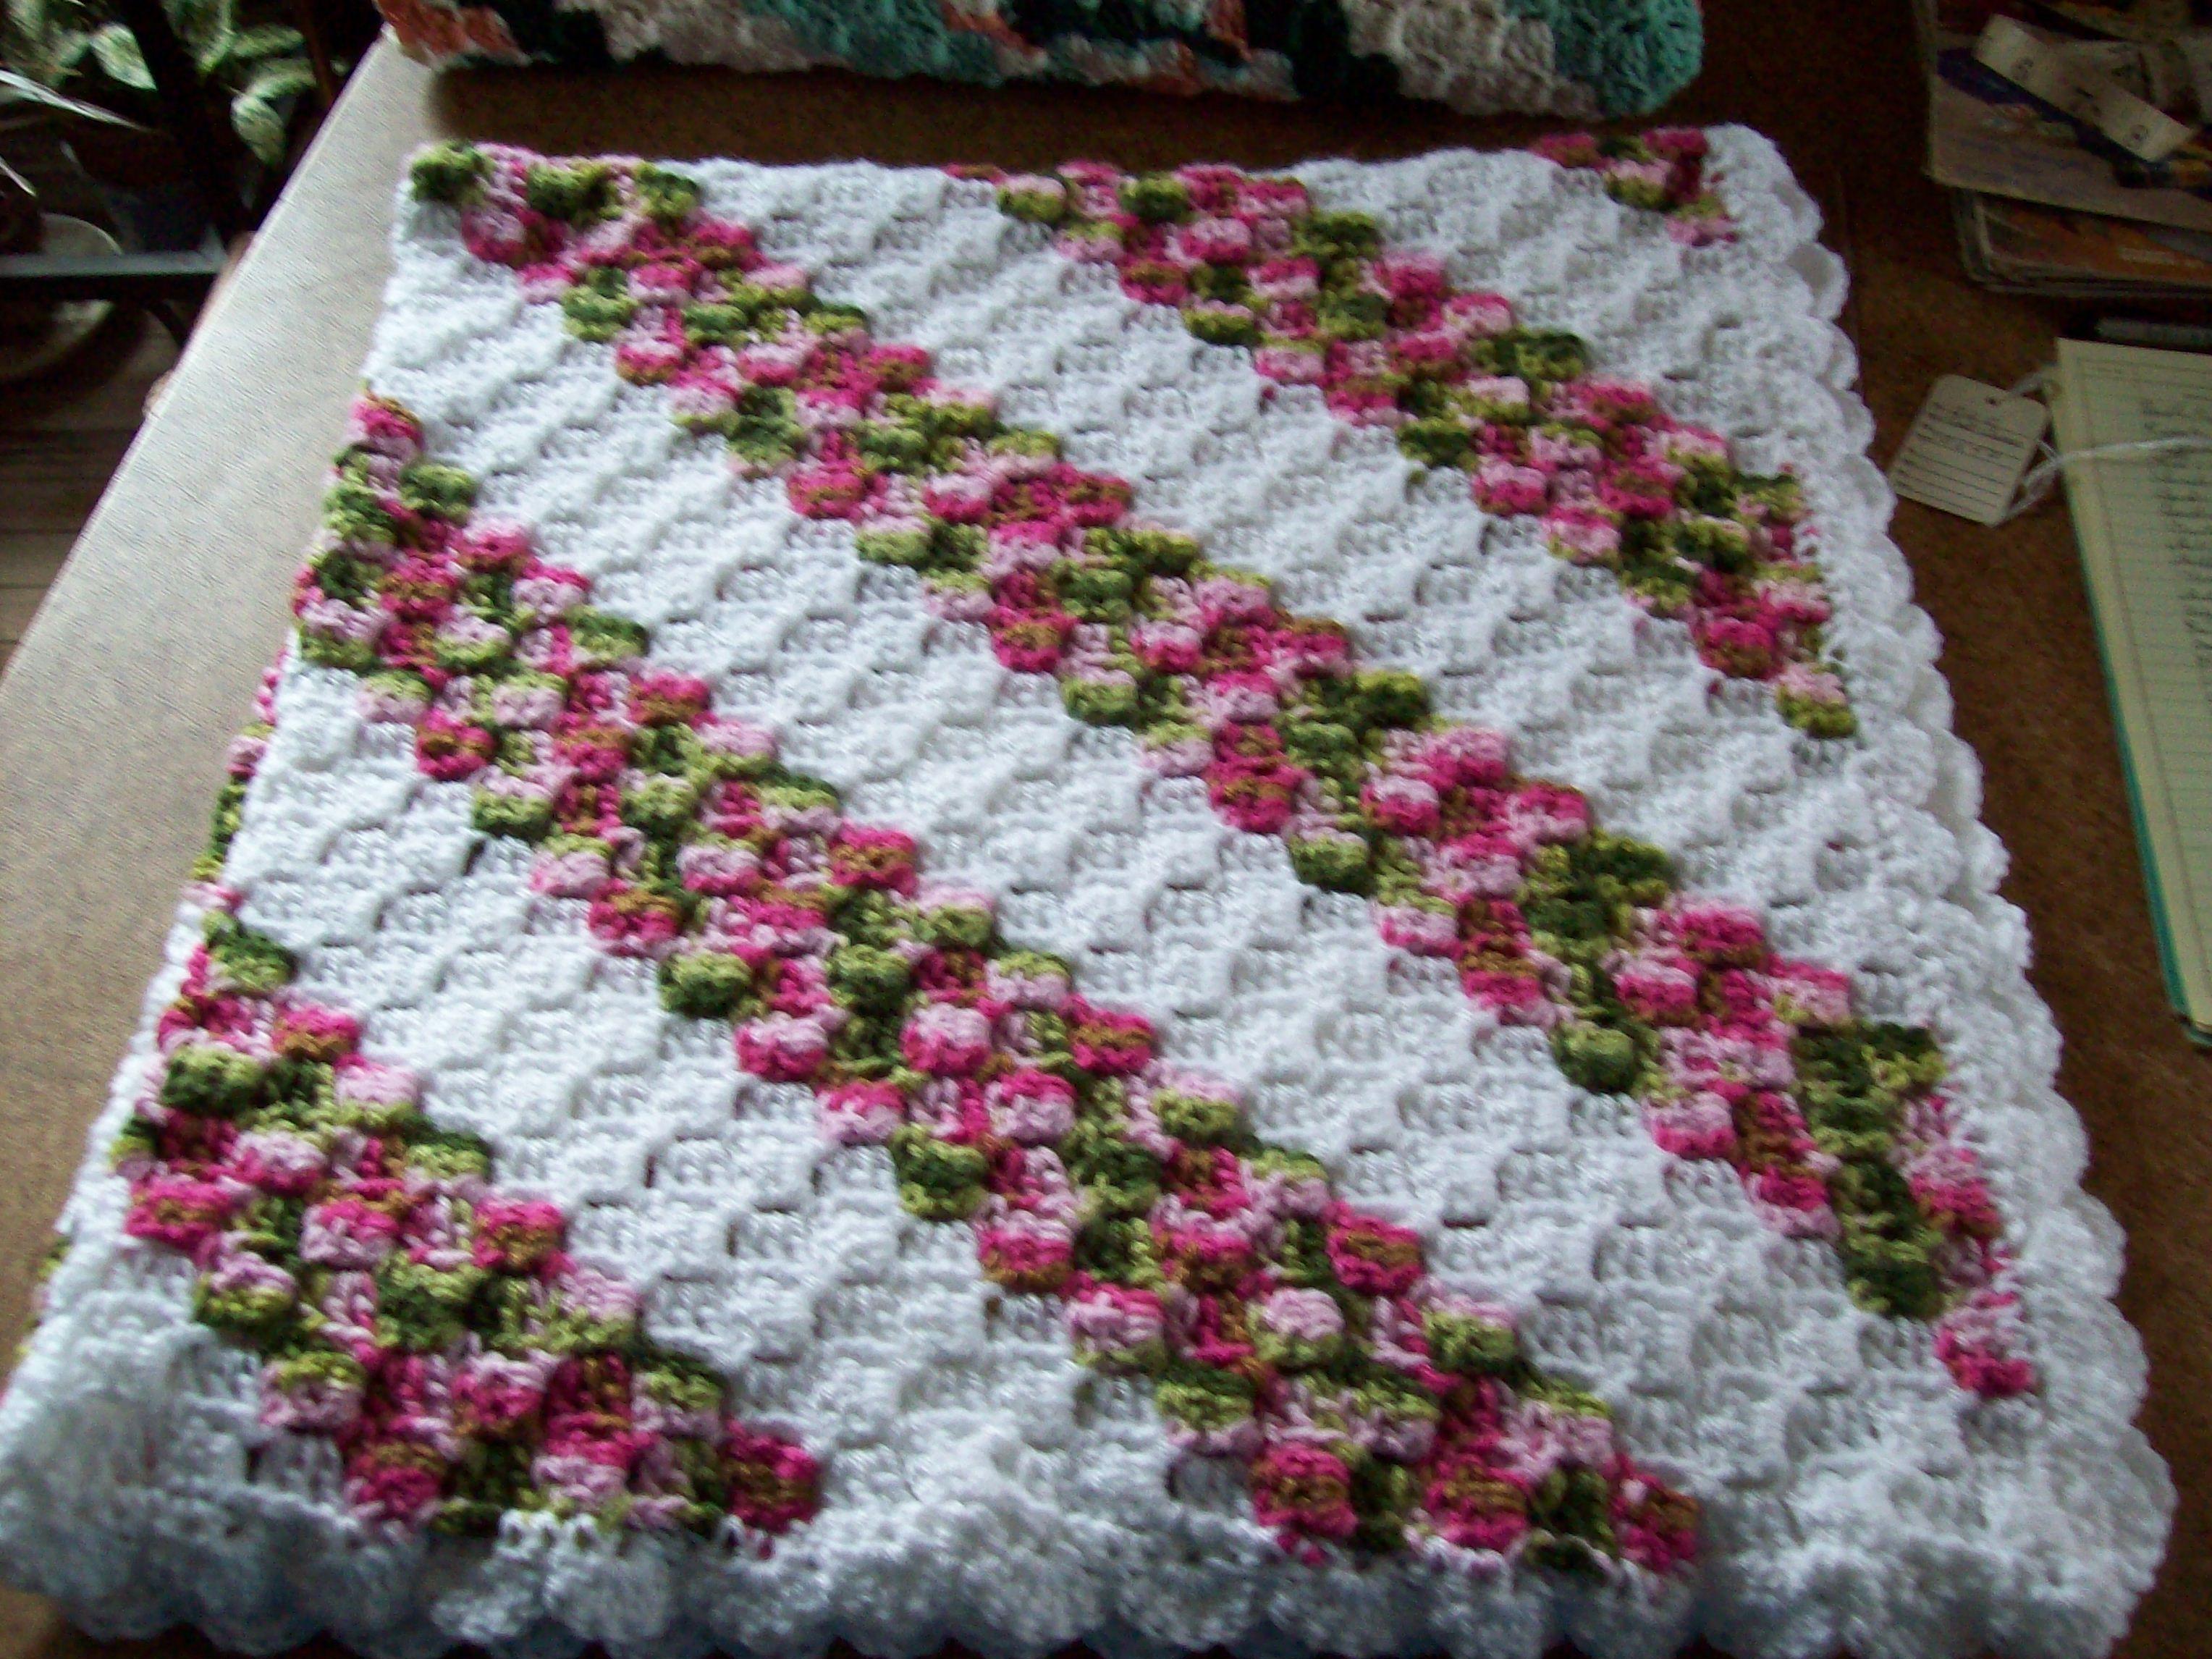 Crochet Pattern For C2c Blanket : C2c Baby Blanket 3rdrevolution Crochet & Knitting ...